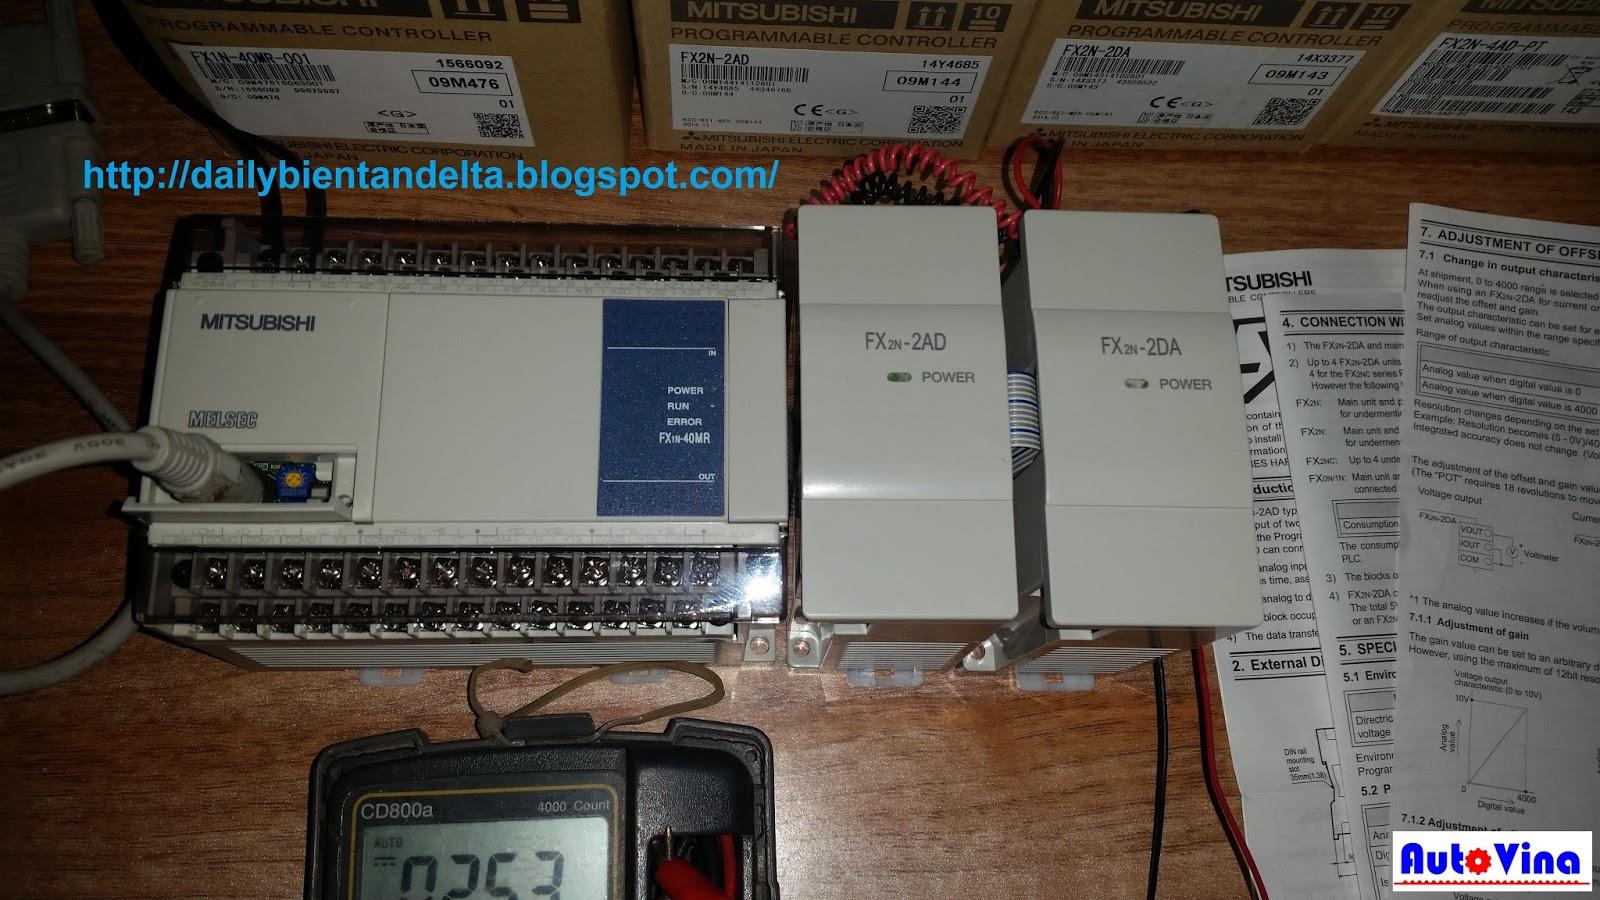 Hướng dẫn chọn địa chỉ module analog khi kết nối PLC Mitsubishi